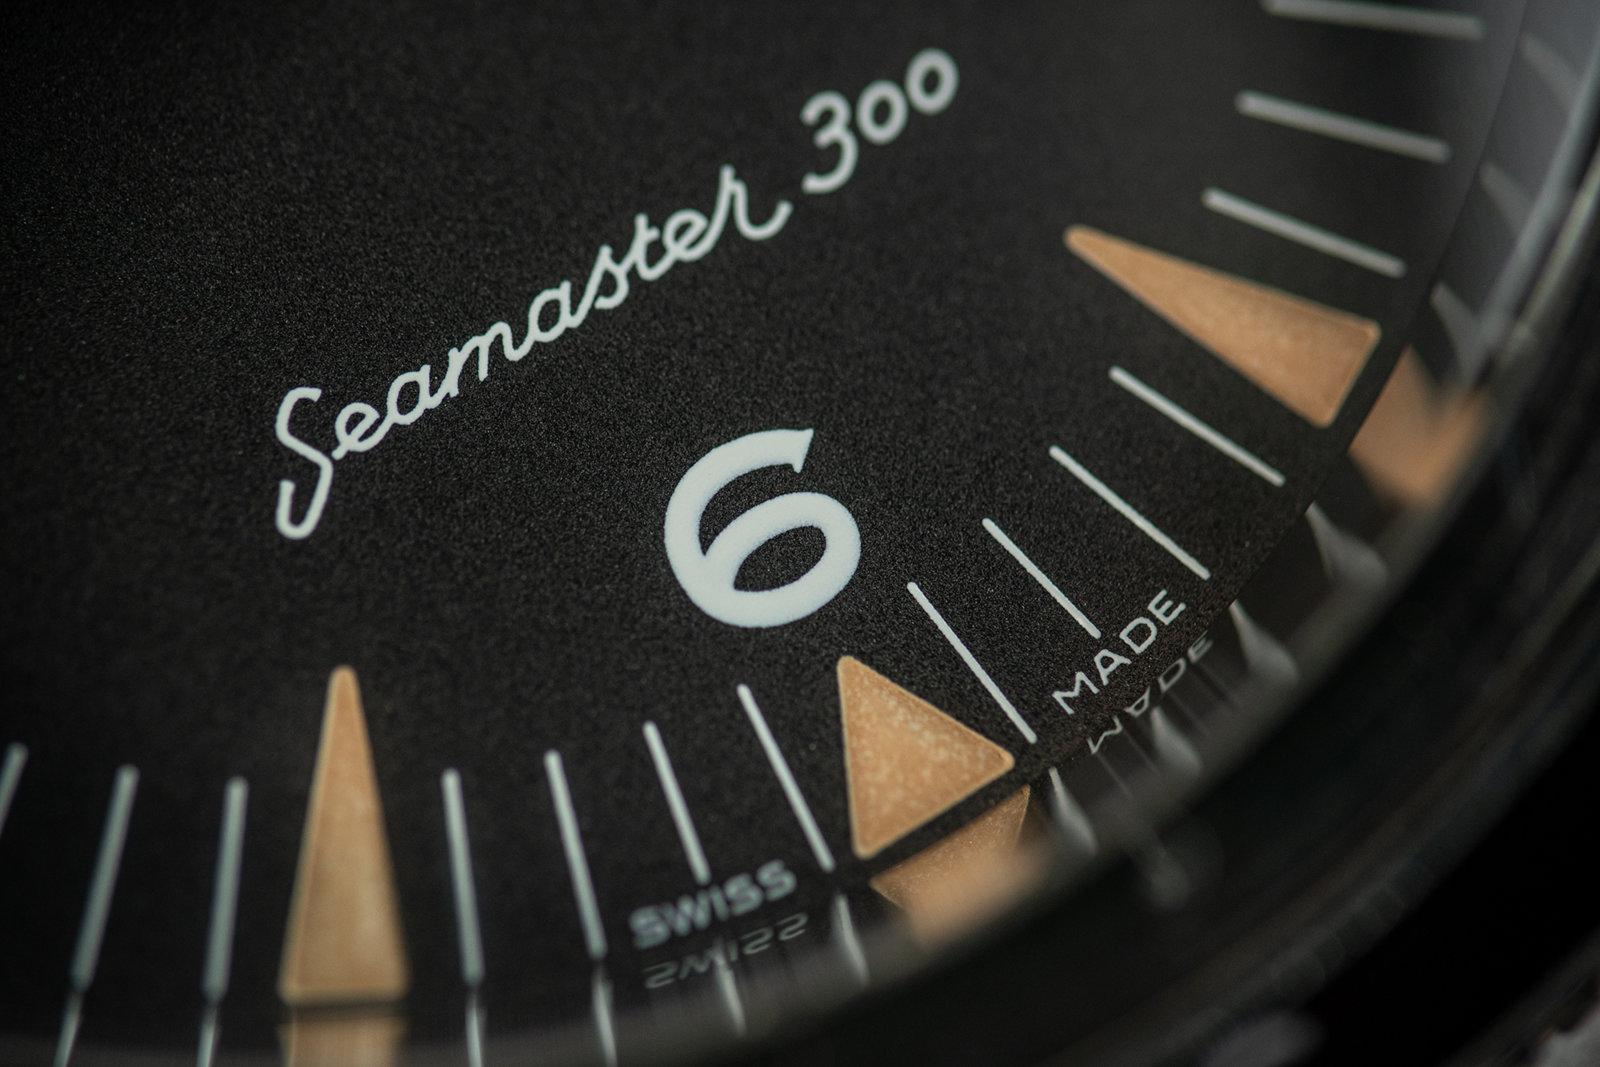 Seamaster3002.